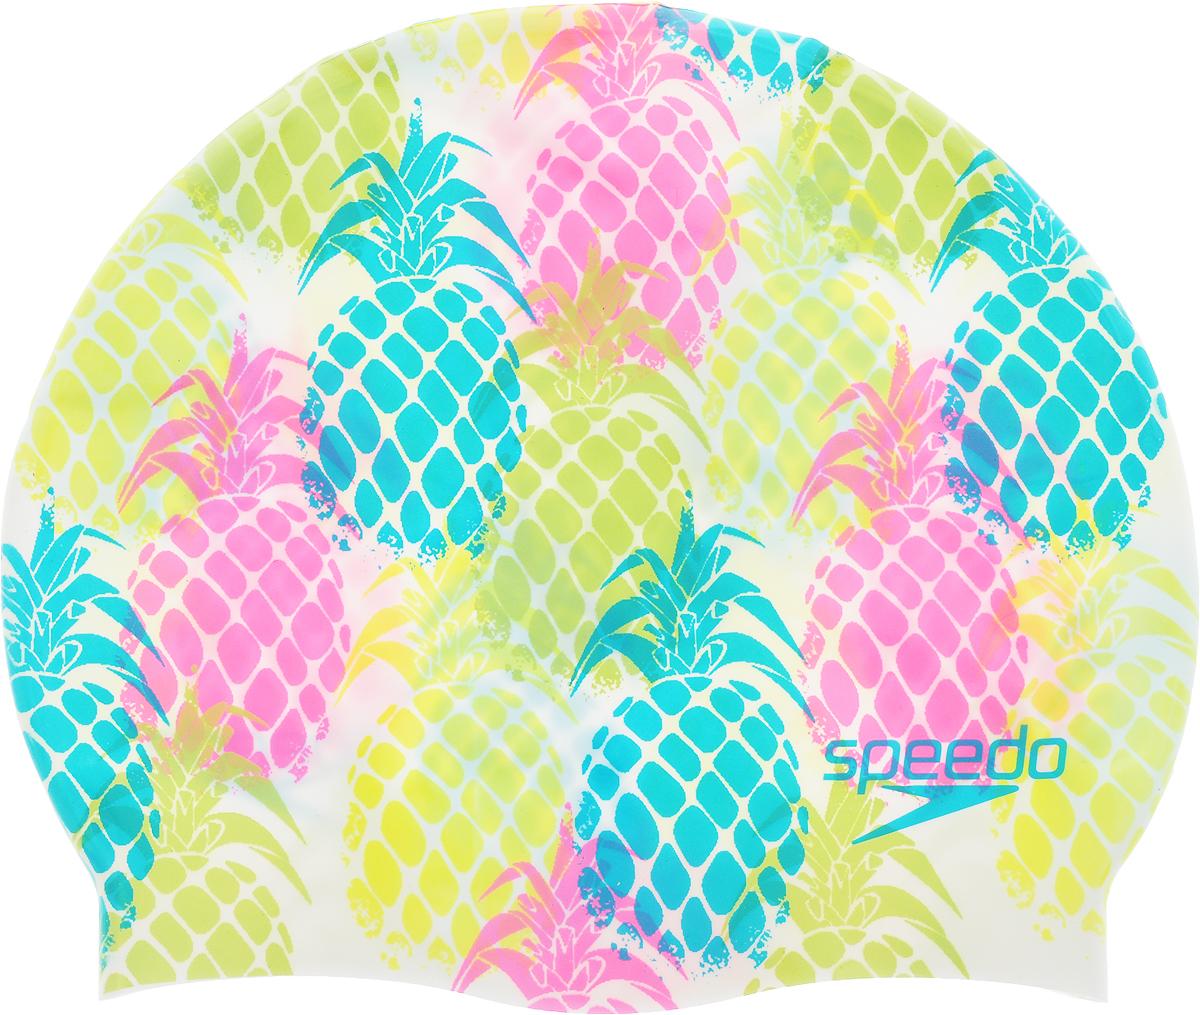 Шапочка для плавания Speedo Slogan Print Cap, цвет: белый, мультиколор8-08385A700_сиреневый, розовый, белыйЯркая шапочка Speedo Slogan Print Cap обеспечивает плотное прилегание и полную защиту от попадания воды. Отлично подойдет для тренировок в бассейне. Шапочка выполнена из высококачественного силикона.